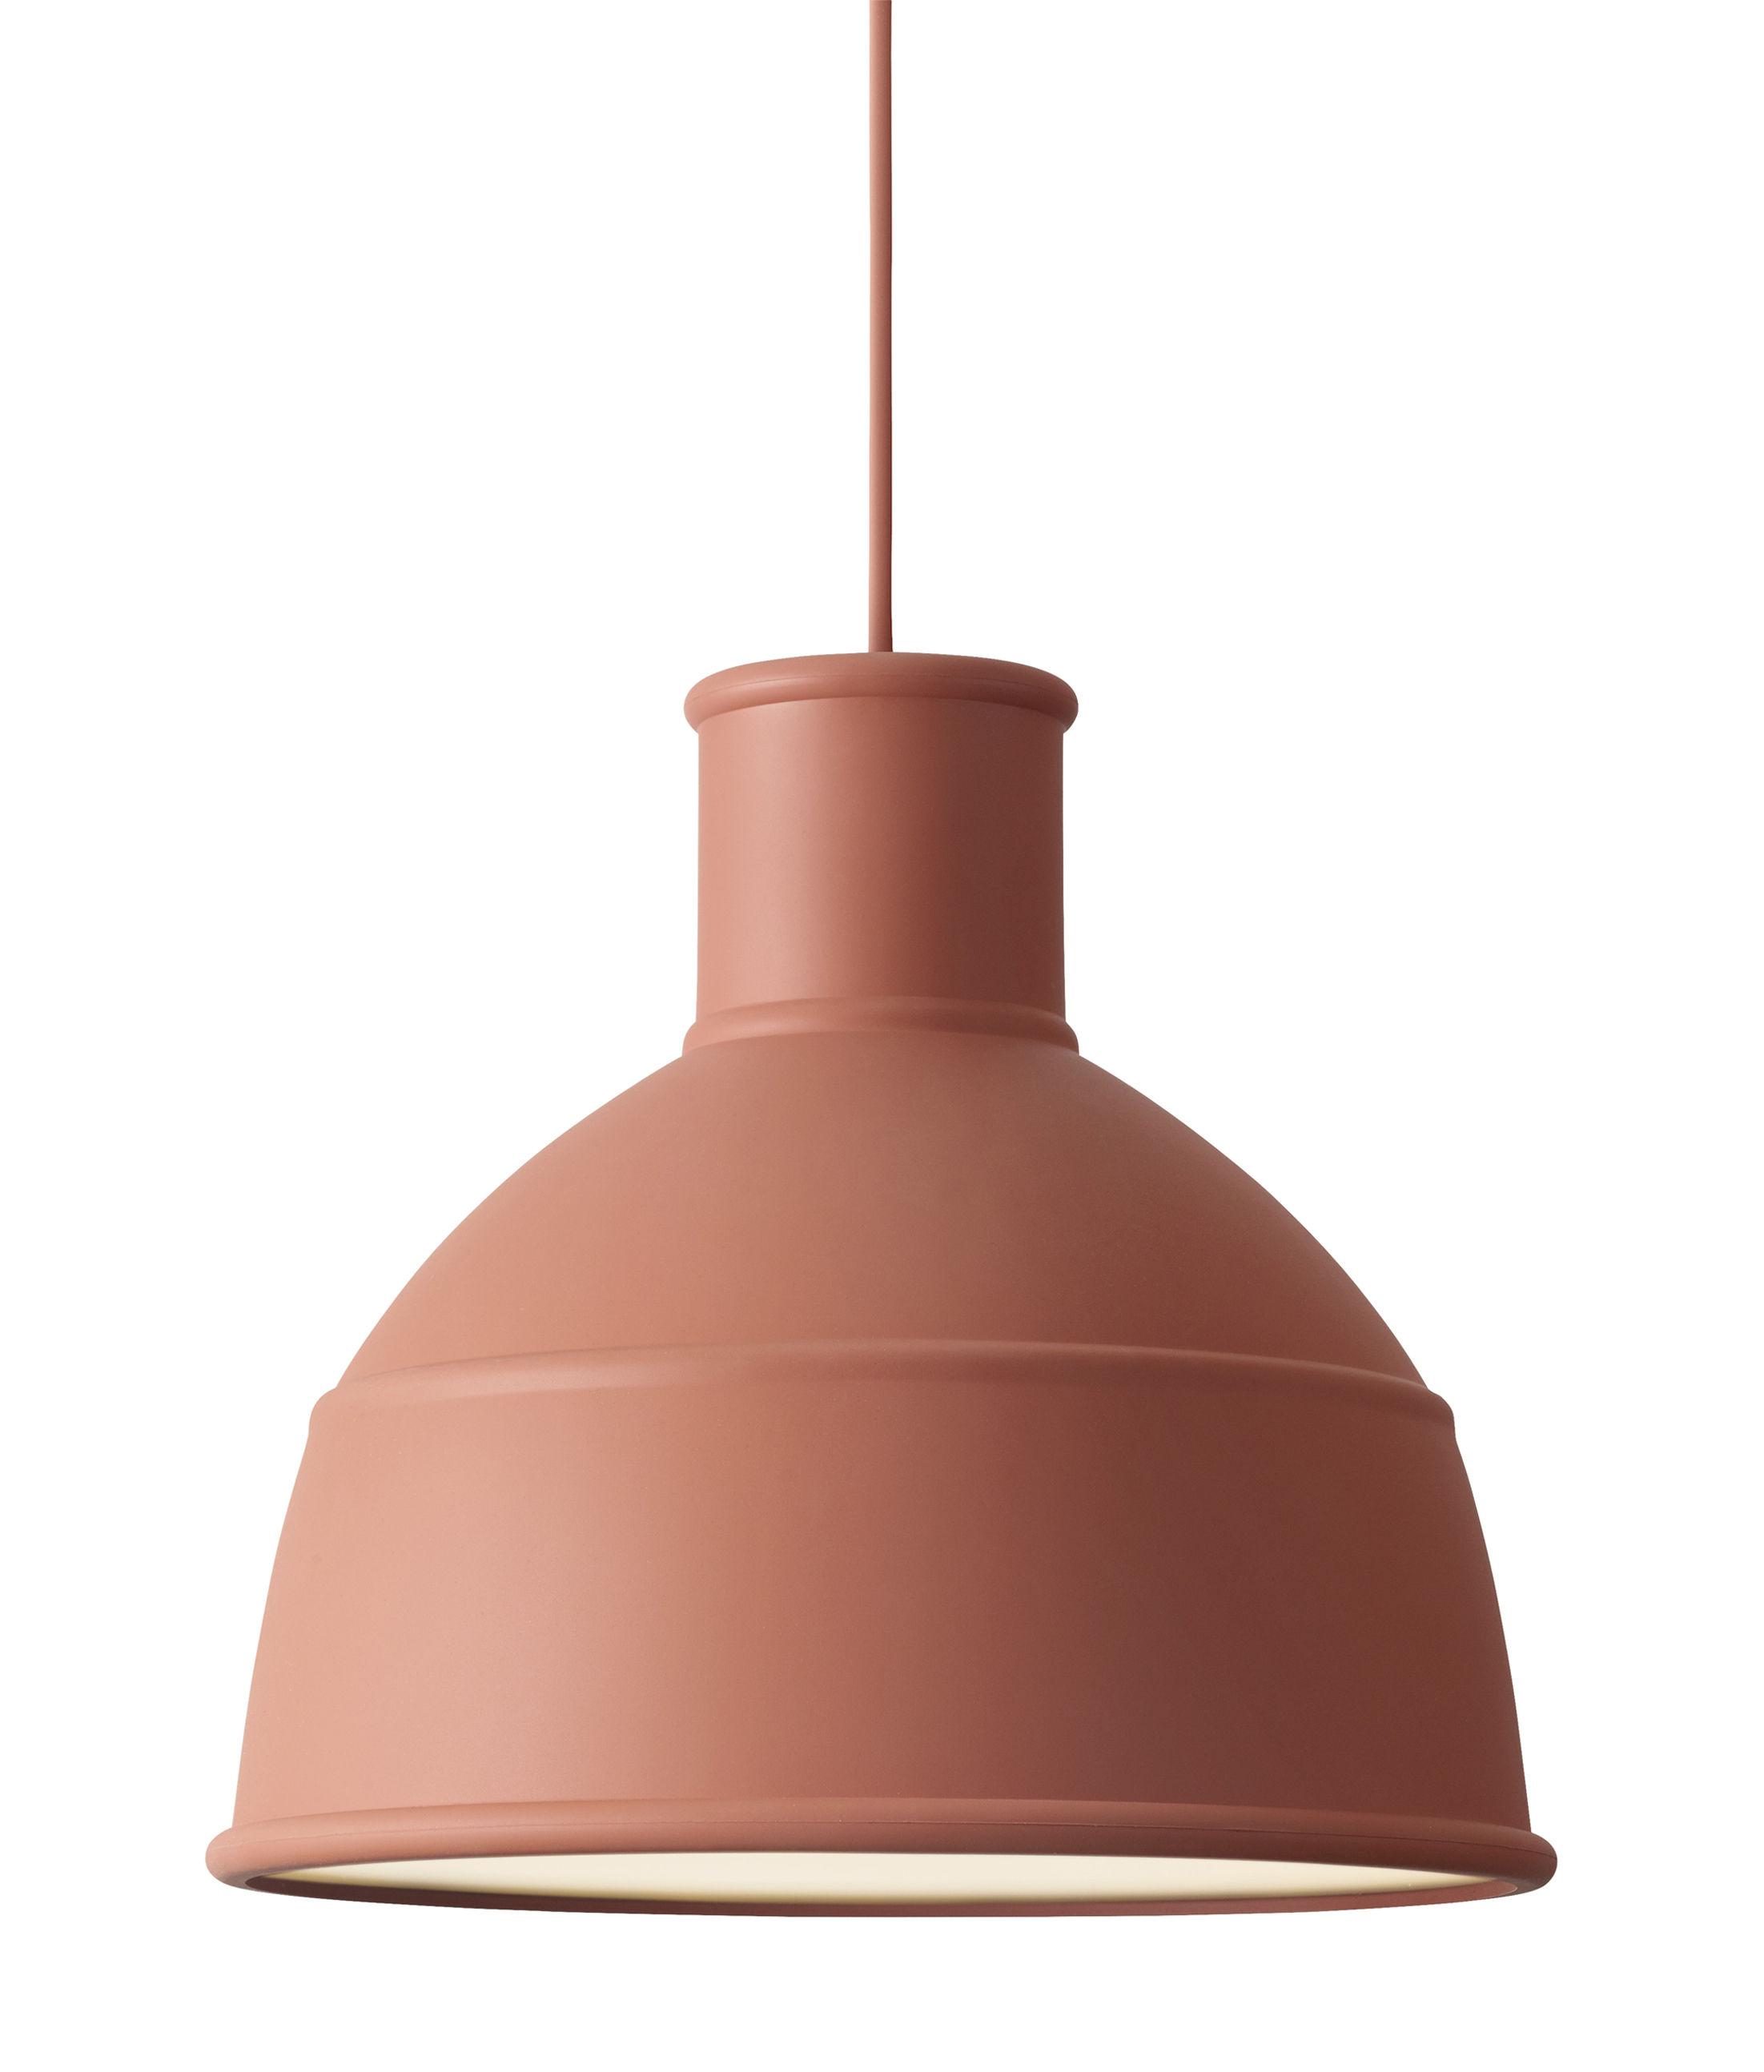 Leuchten - Pendelleuchten - Unfold Pendelleuchte / Silikon - Muuto - Terrakotta - Silikon